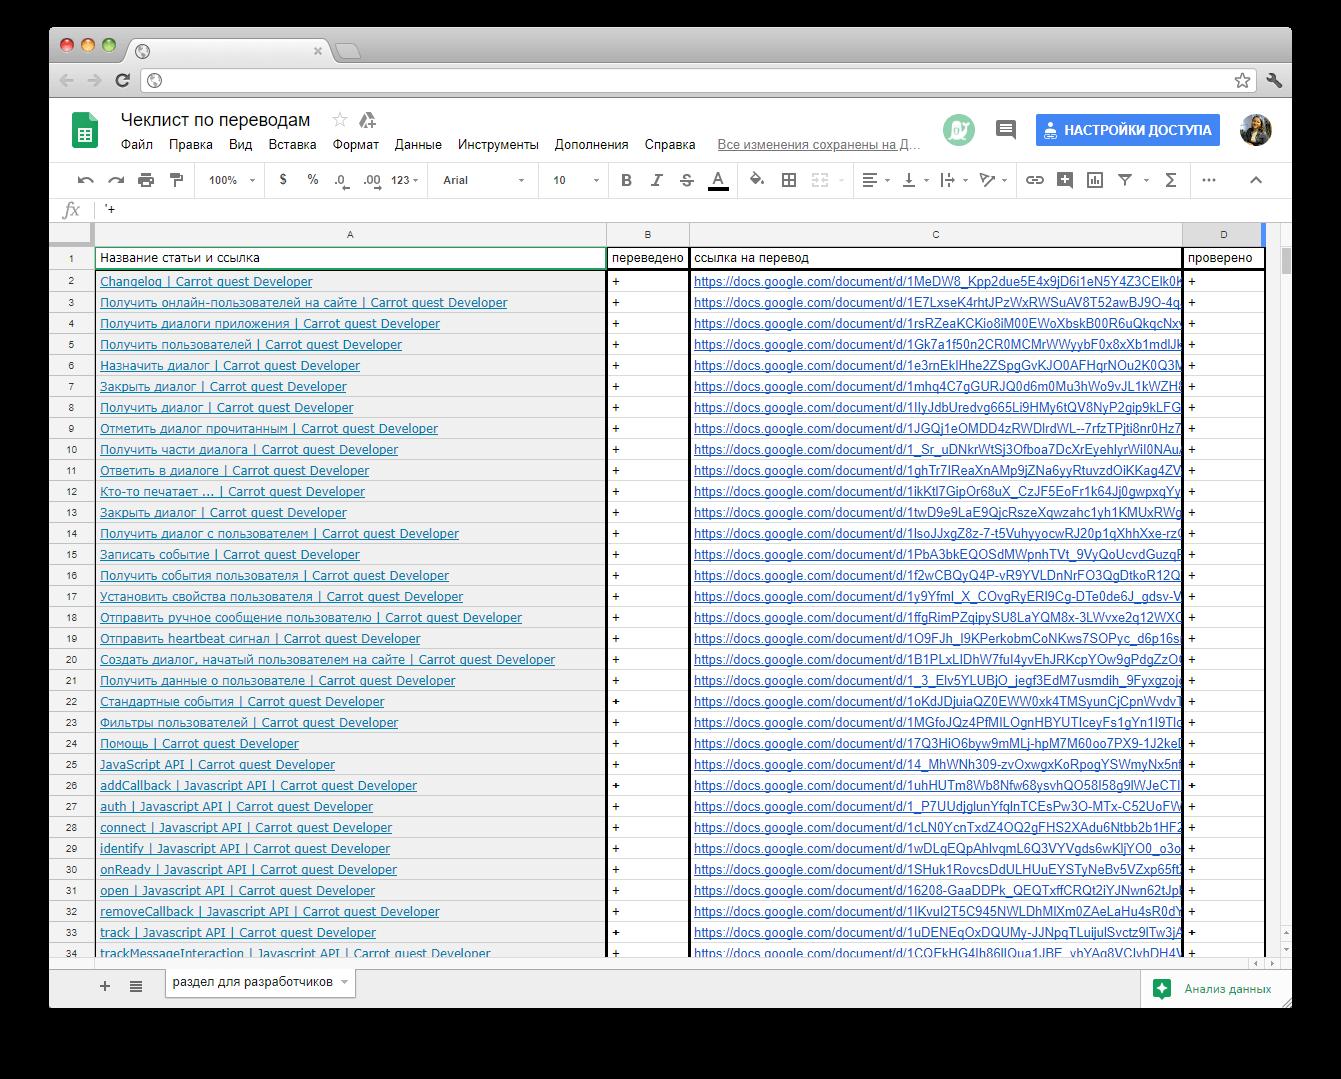 чек-лист по переводам